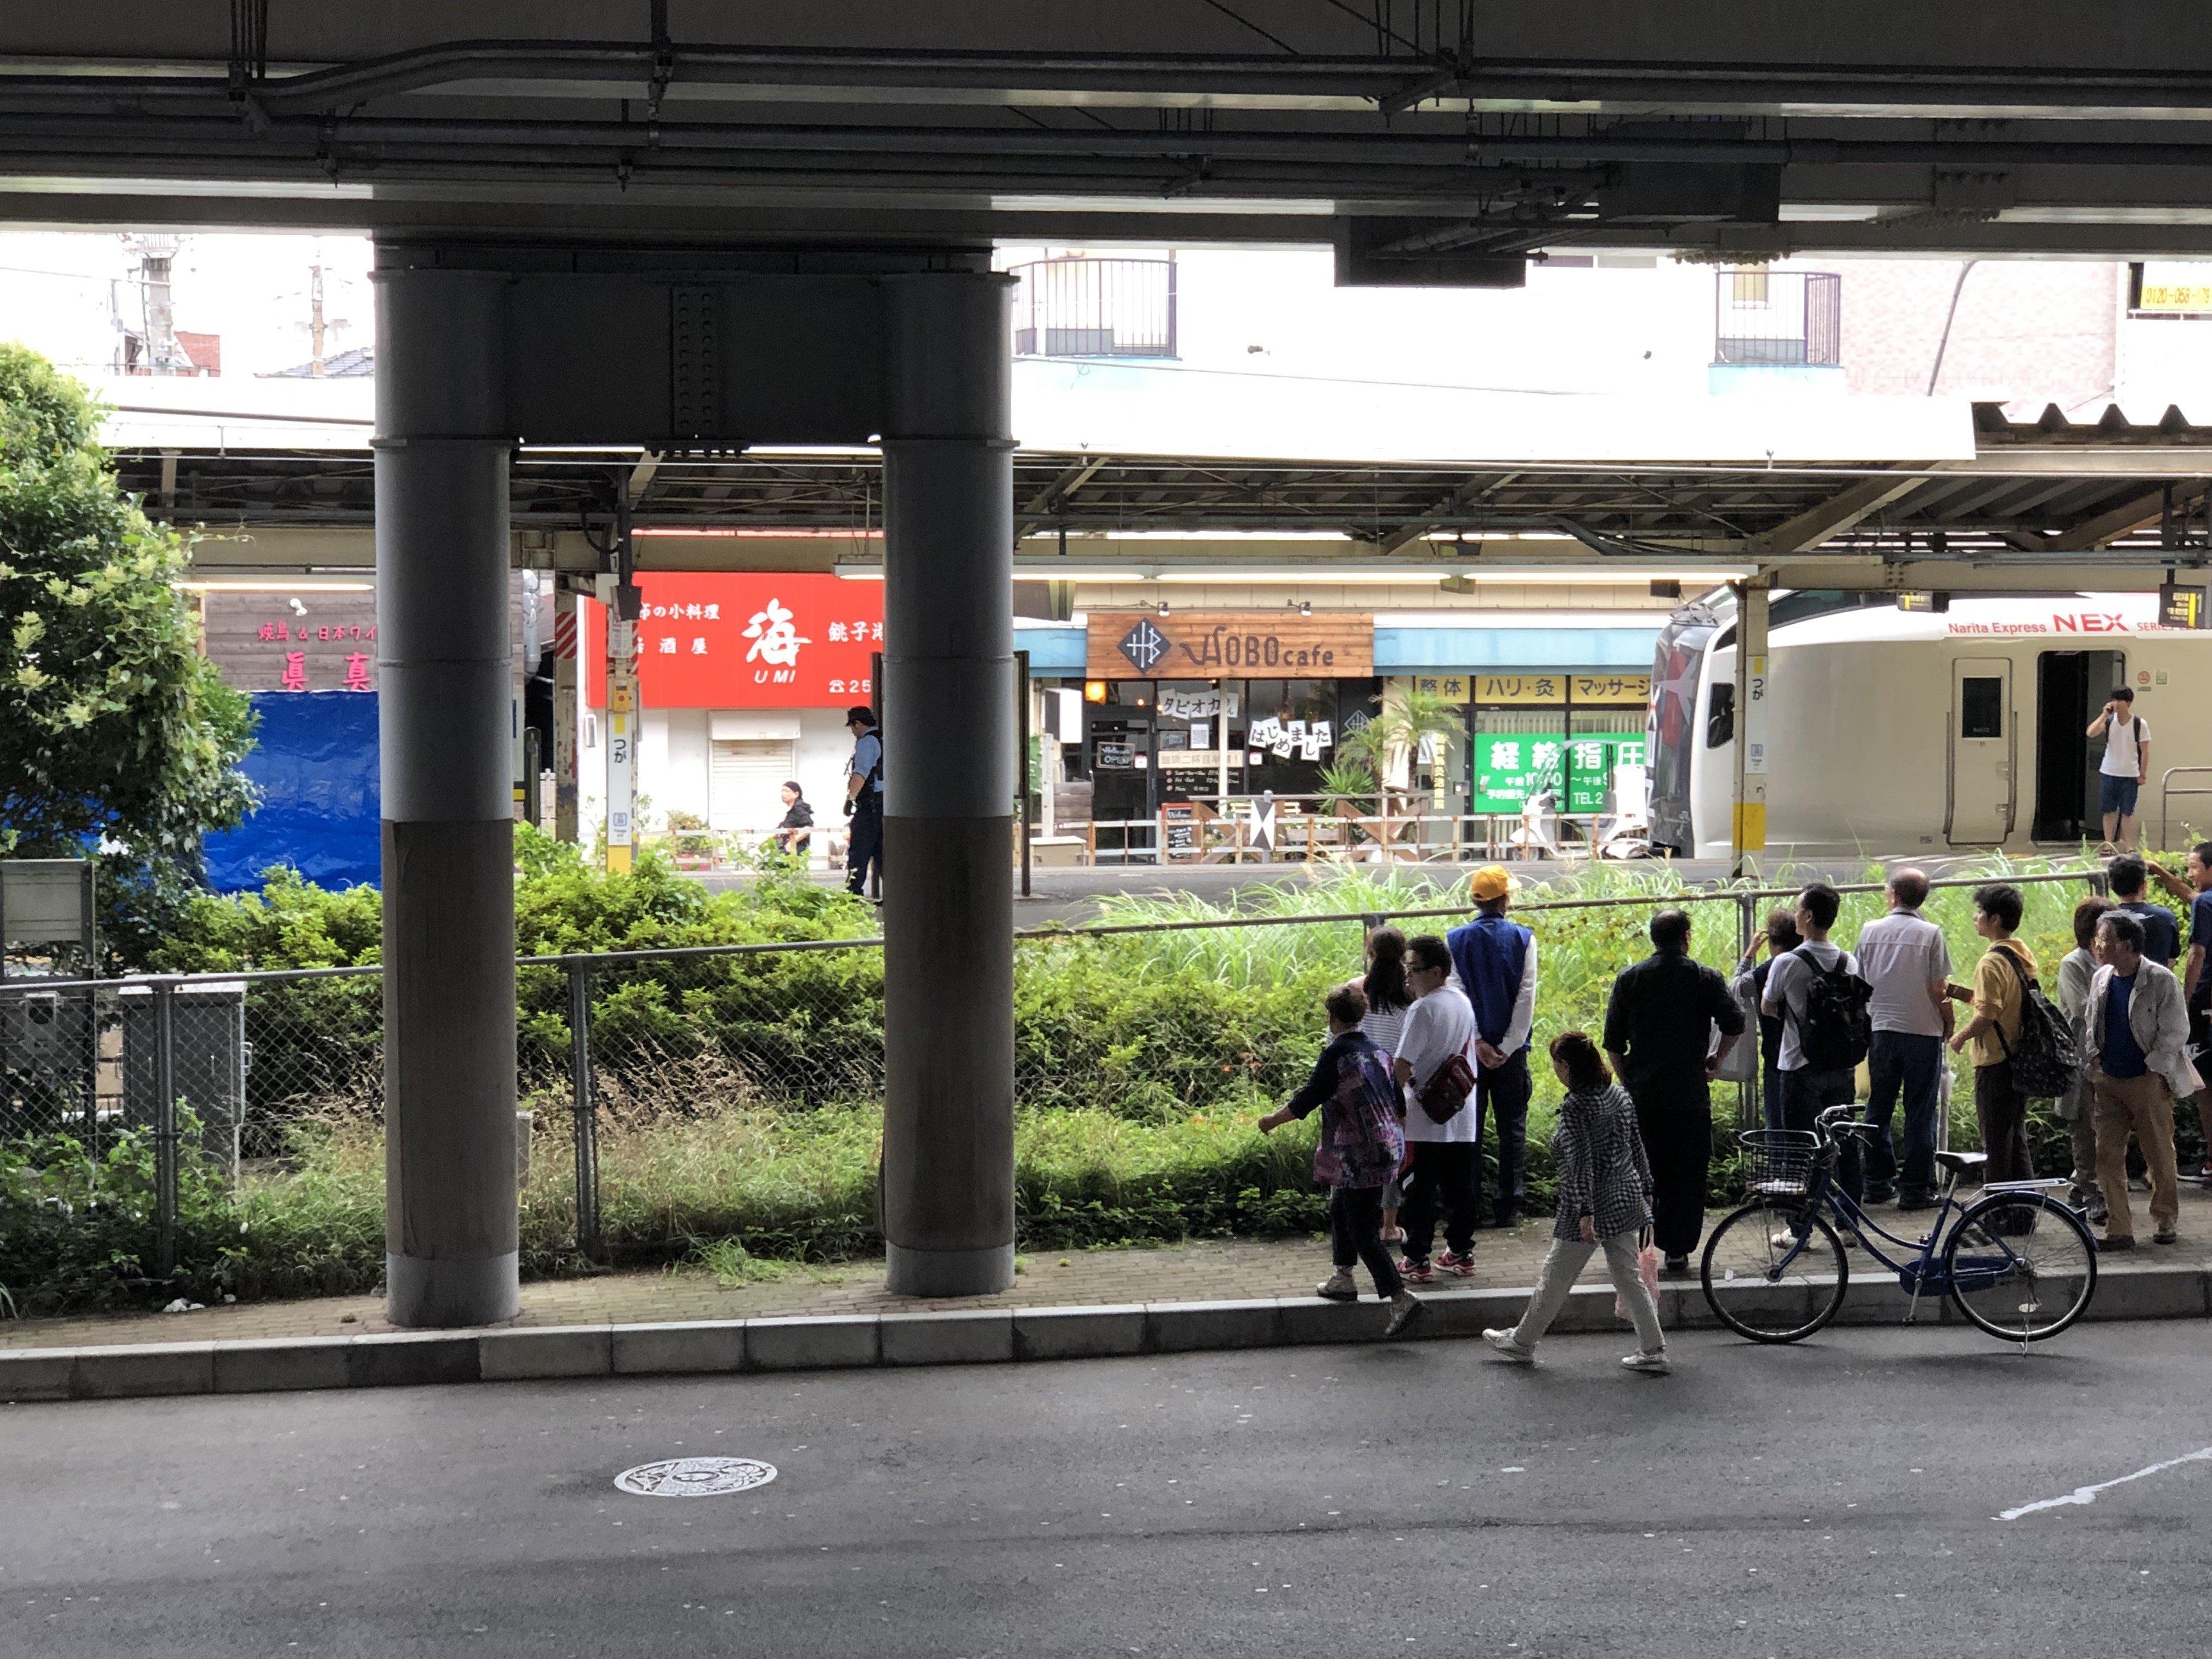 都賀駅の人身事故でで飛び込み自殺現場を調べている画像